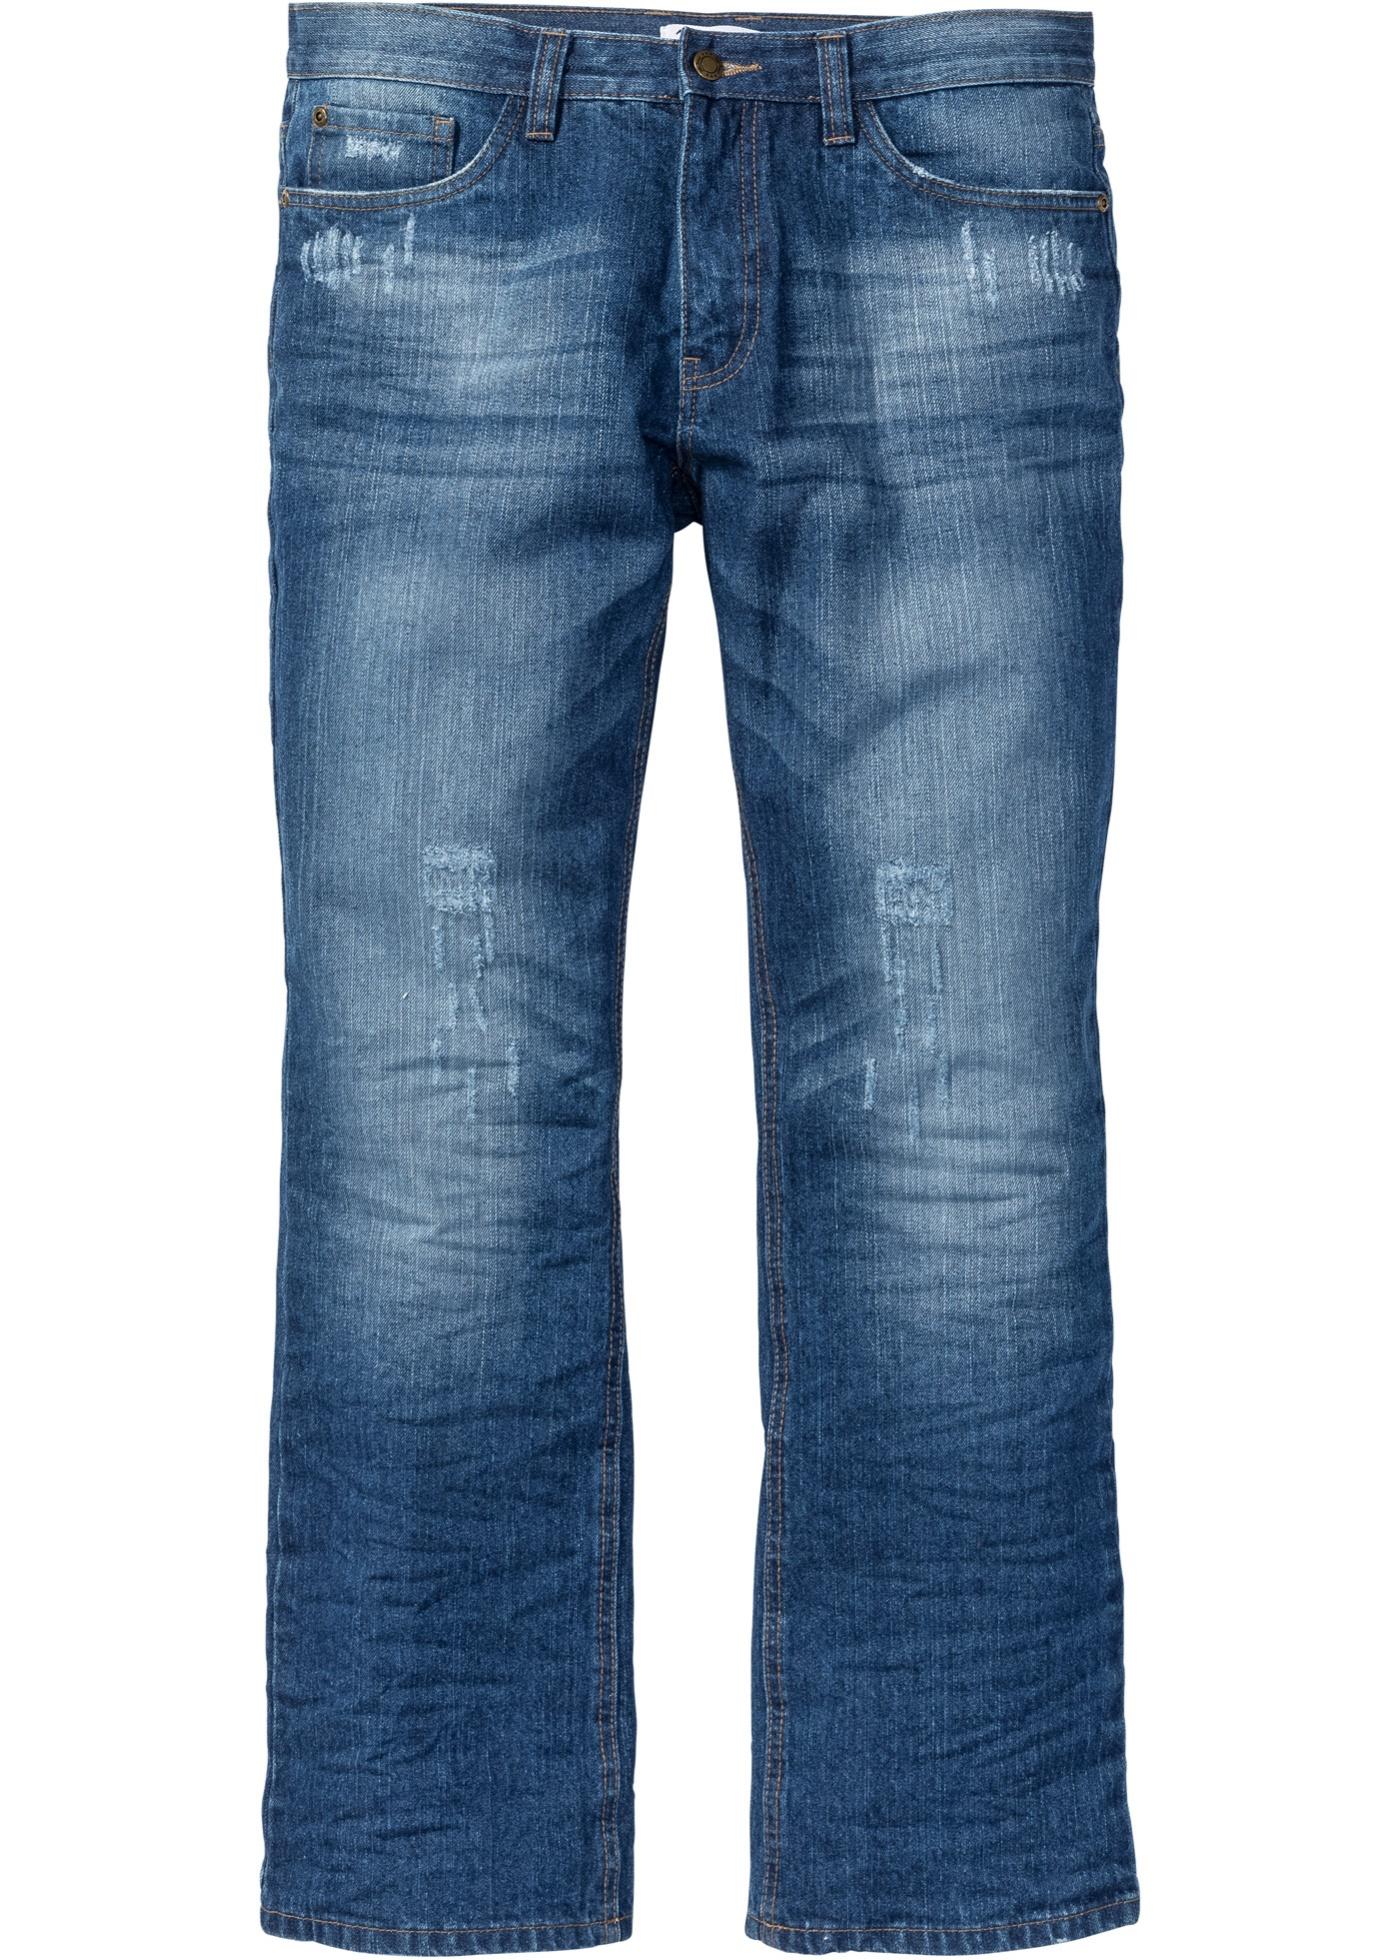 Jeans BOOTCUT  Blu  - Joh